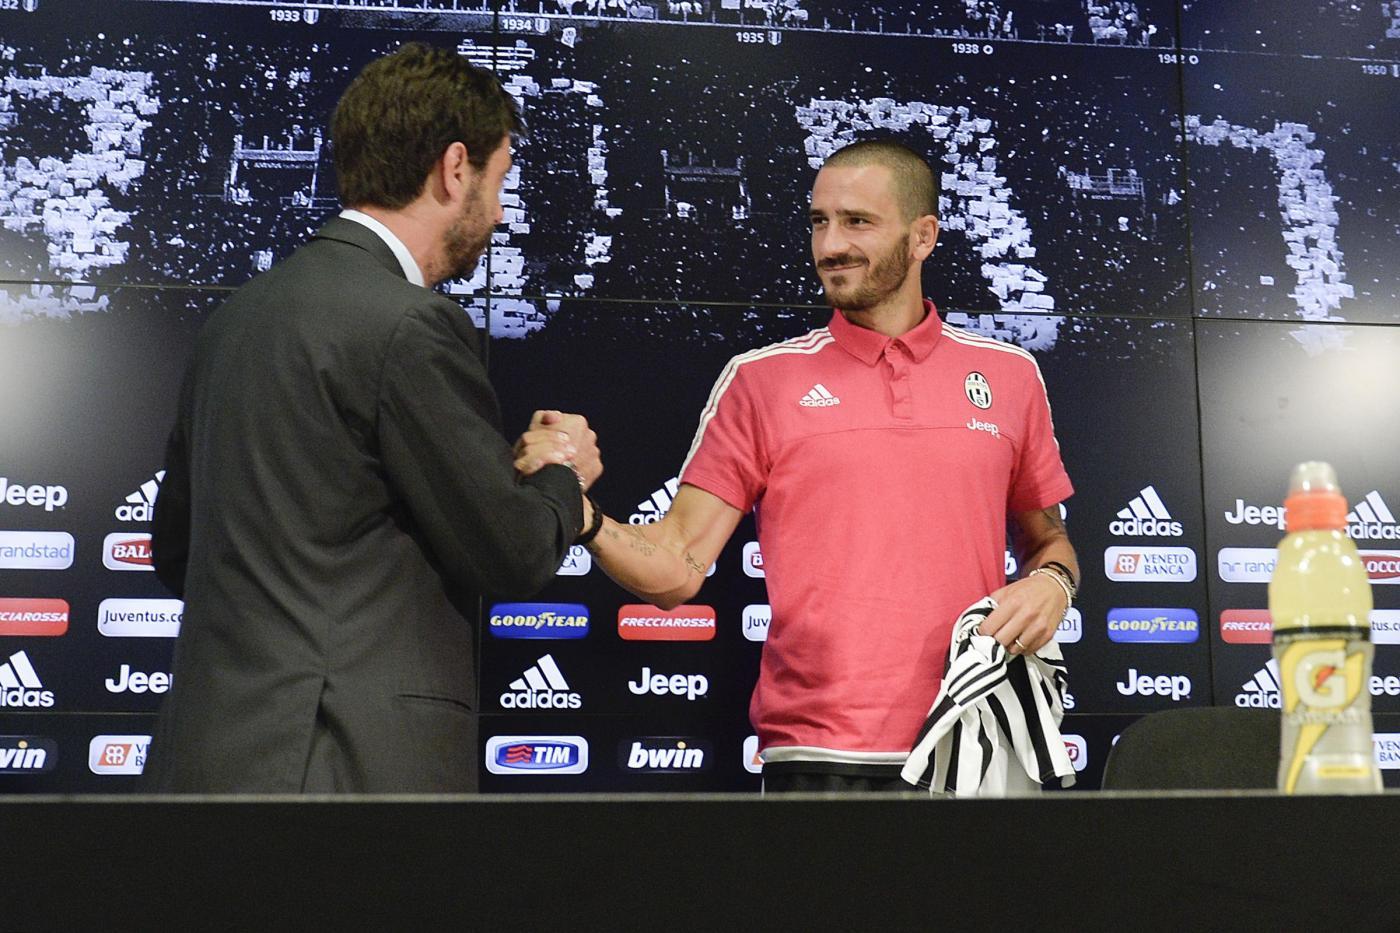 Juventus, conferenza stampa per il rinnovo di contratto di Leonardo Bonucci